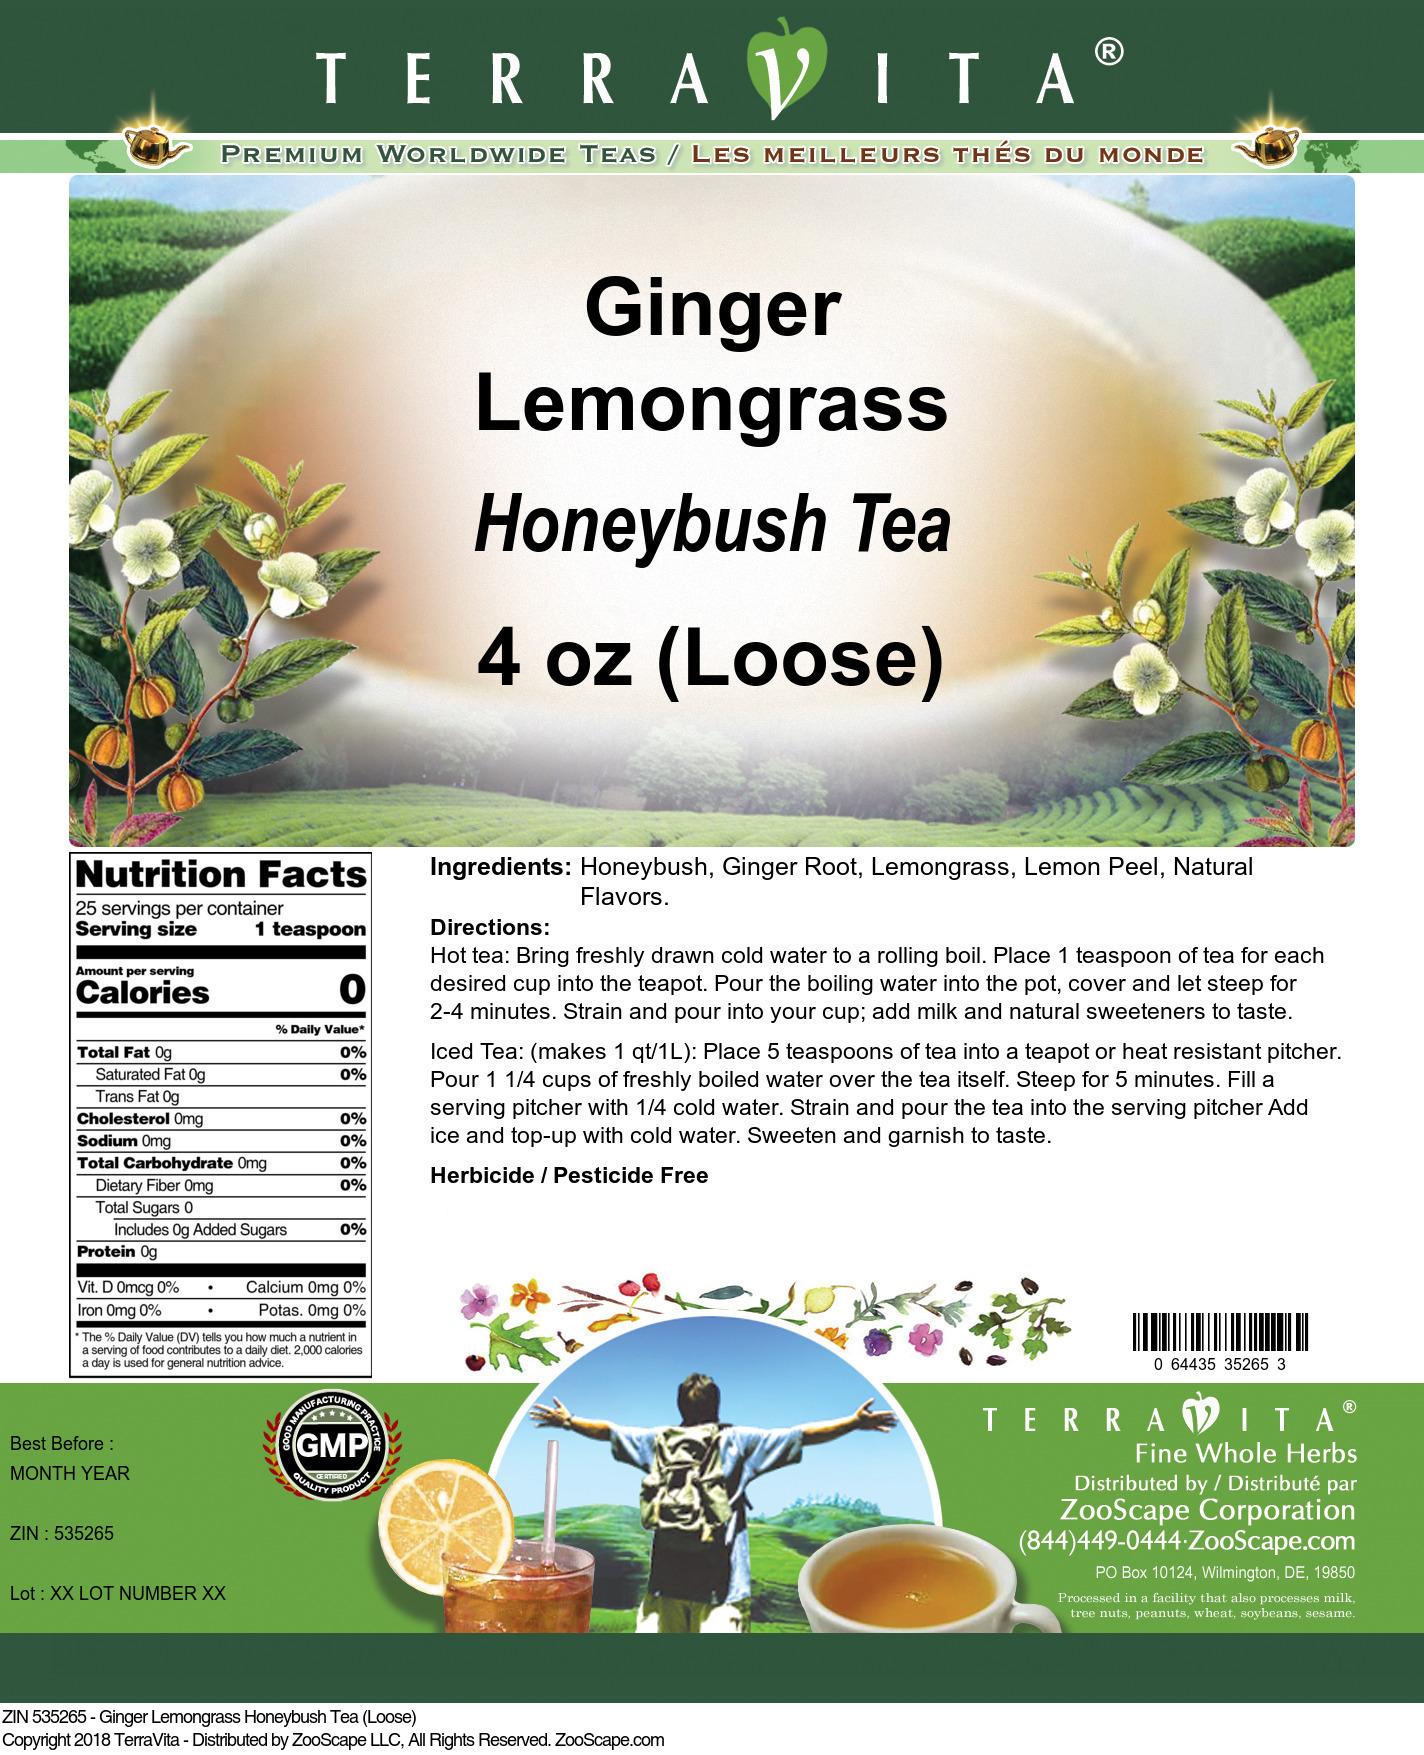 Ginger Lemongrass Honeybush Tea (Loose)